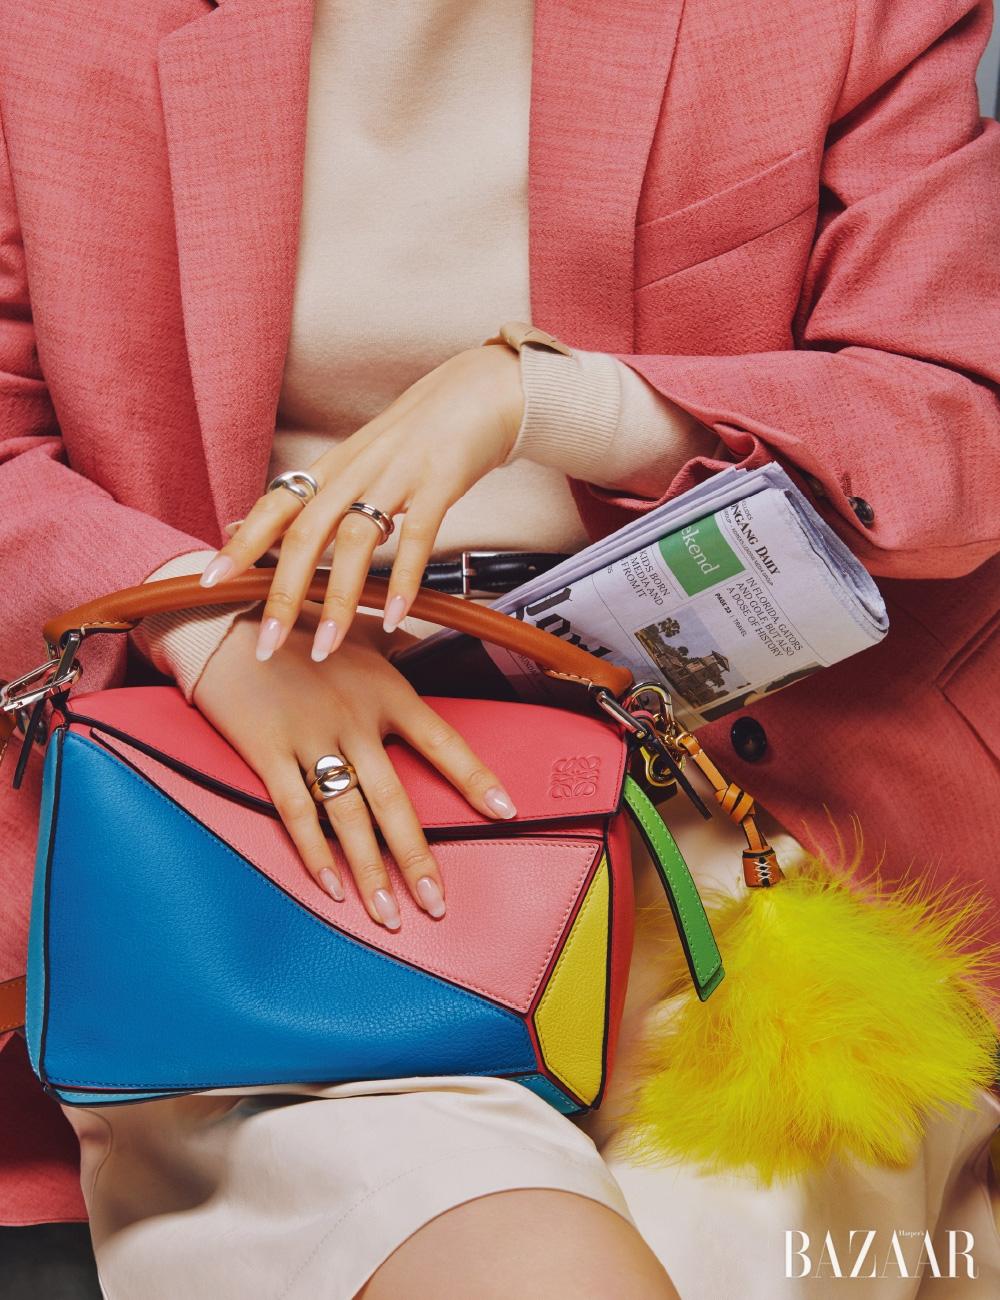 재킷은 2백79만원 Calvin Klein 205W39NYC by Mue, 니트, 팬츠는 모두 가격 미정 Bottega Veneta, 벨트는 가격 미정 Celine, 왼손 검지에 낀 반지는 21만8천원 S-sil, 약지에 낀 반지는 가격 미정, 오른손 약지에 낀 반지는 27만9천원 모두 Portrait Report, 가방은 3백20만원, 깃털 참은 34만원 모두 Loewe.